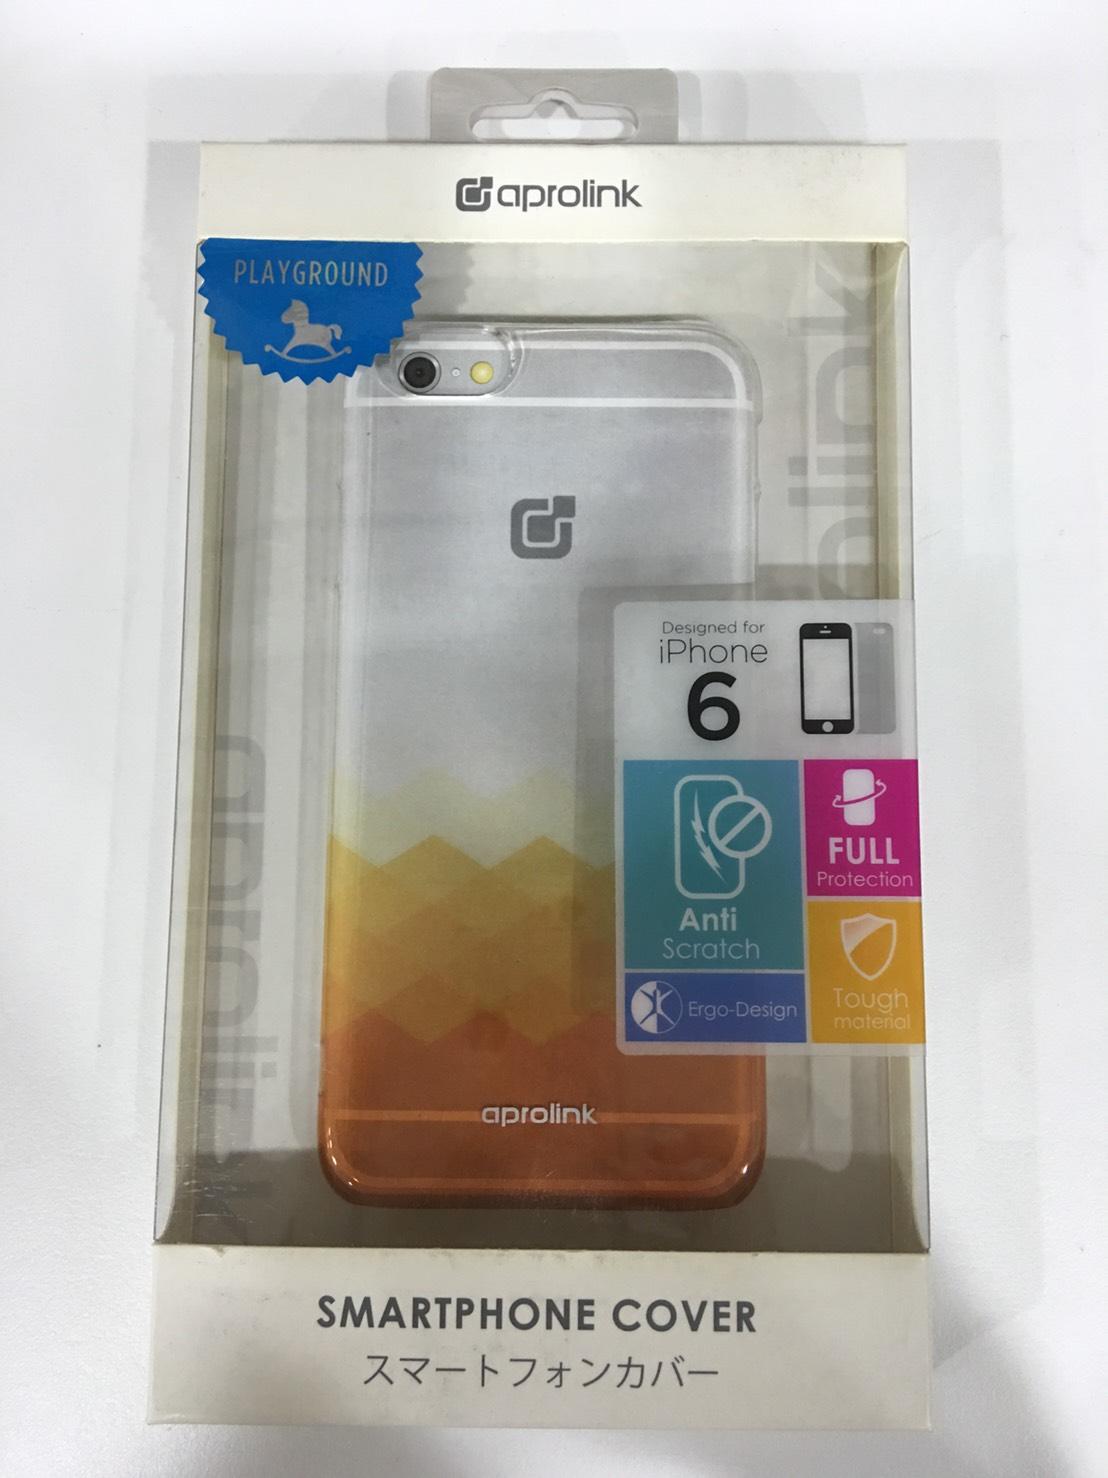 【星欣】IPhone 6 / 6s 4.7吋 童趣系列漸層保護殼-菱格保護殼 透明 硬殼 手機背蓋 直購價